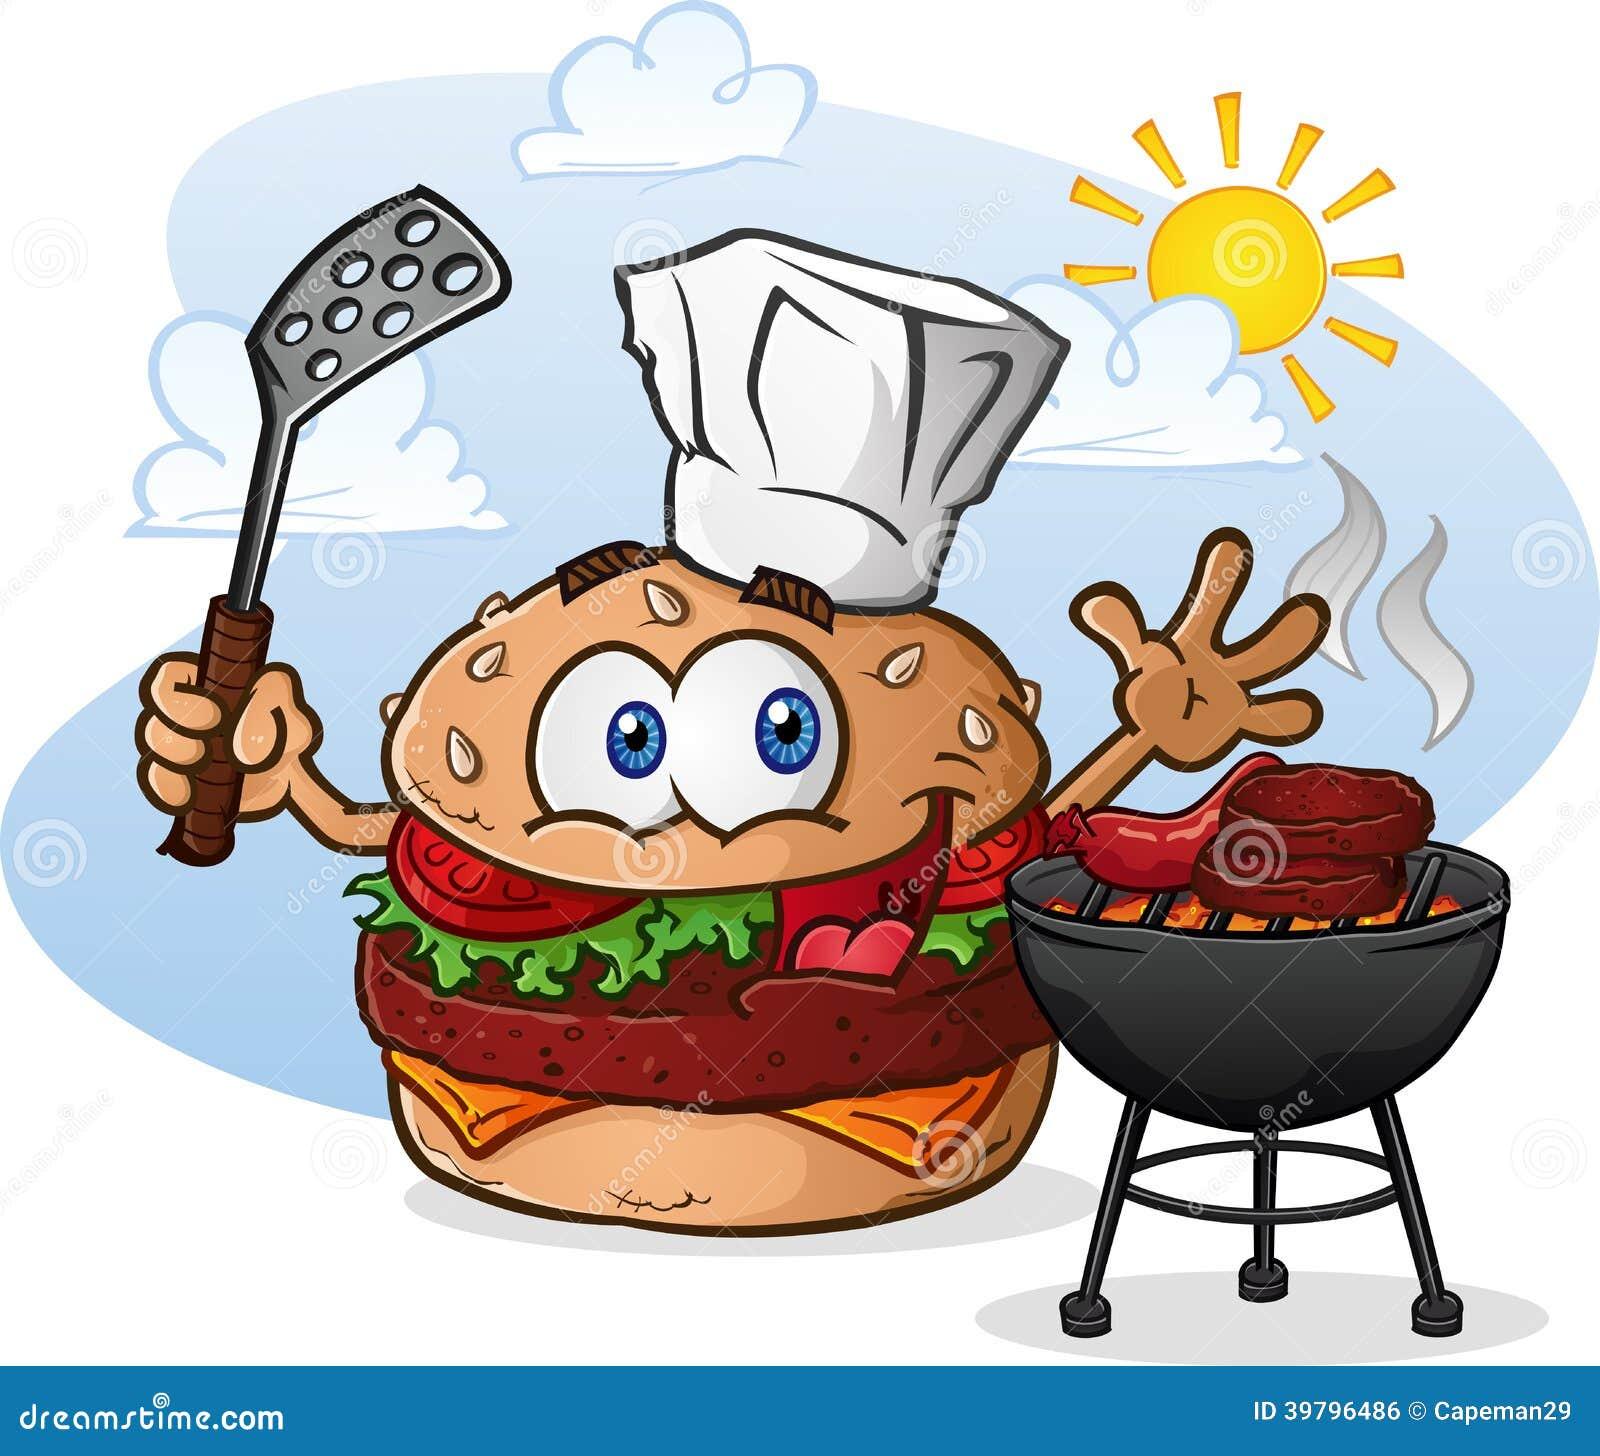 cheeseburger chef cartoon character, grilling hamburgers and hotdogs ...